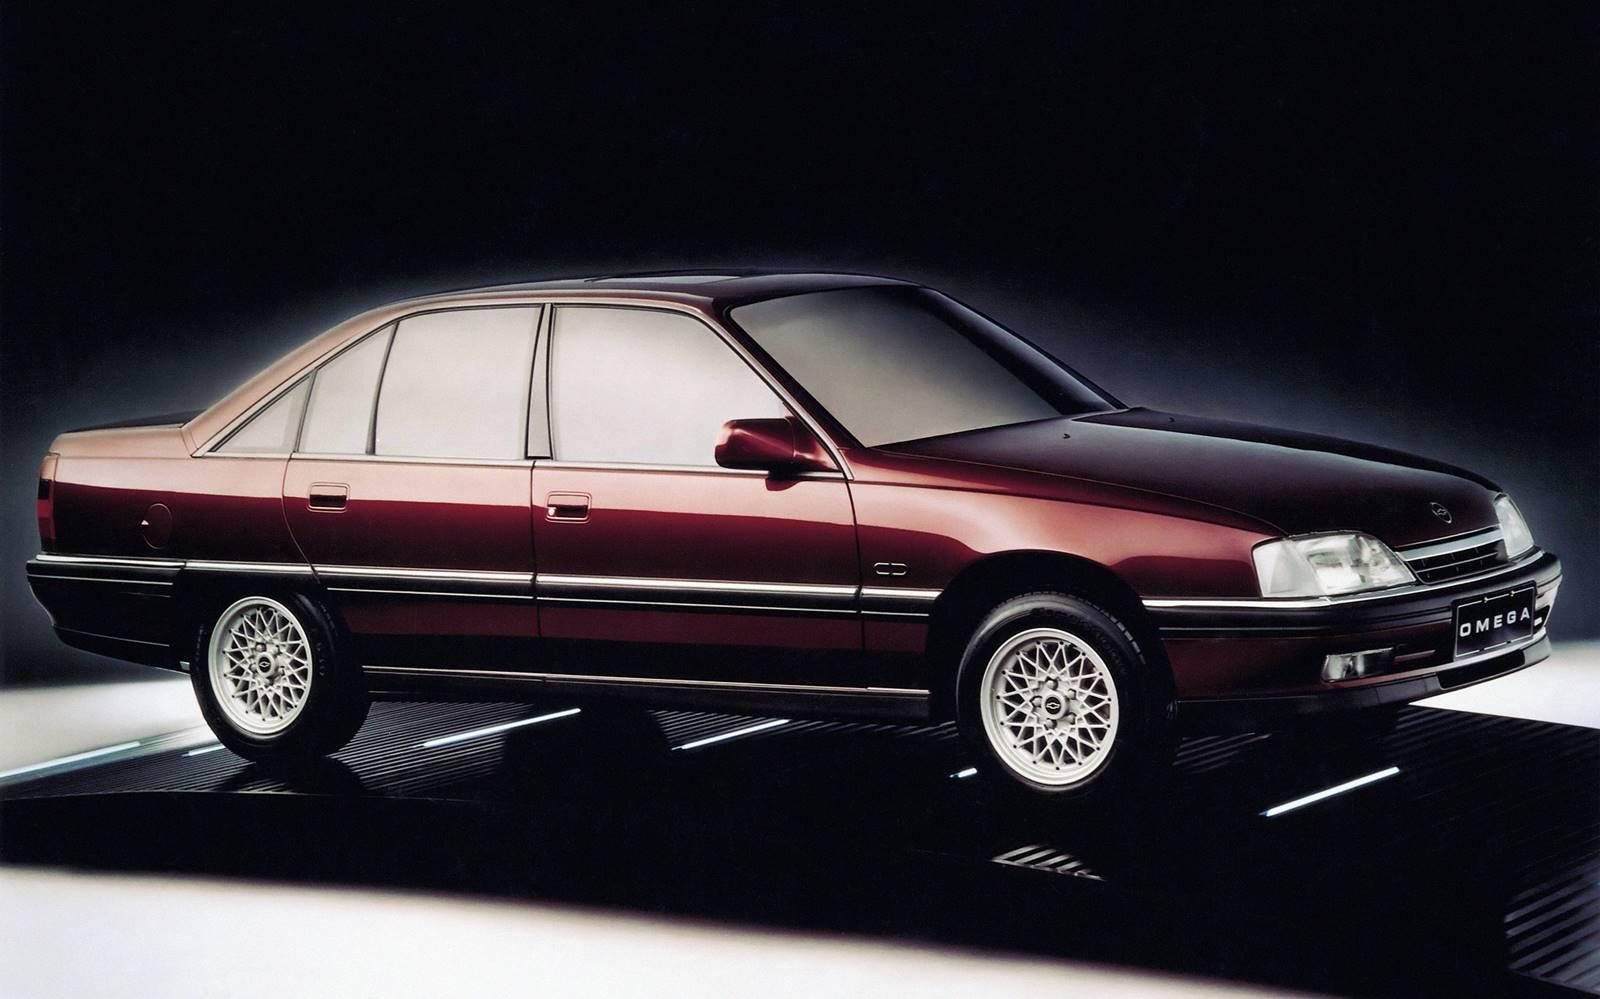 5b7a558979b Modelos exemplares desse processo eram o Chevrolet Omega CD 3.0 – um sedã  de luxo praticamente idêntico ao modelo europeu – e o Fiat Tempa